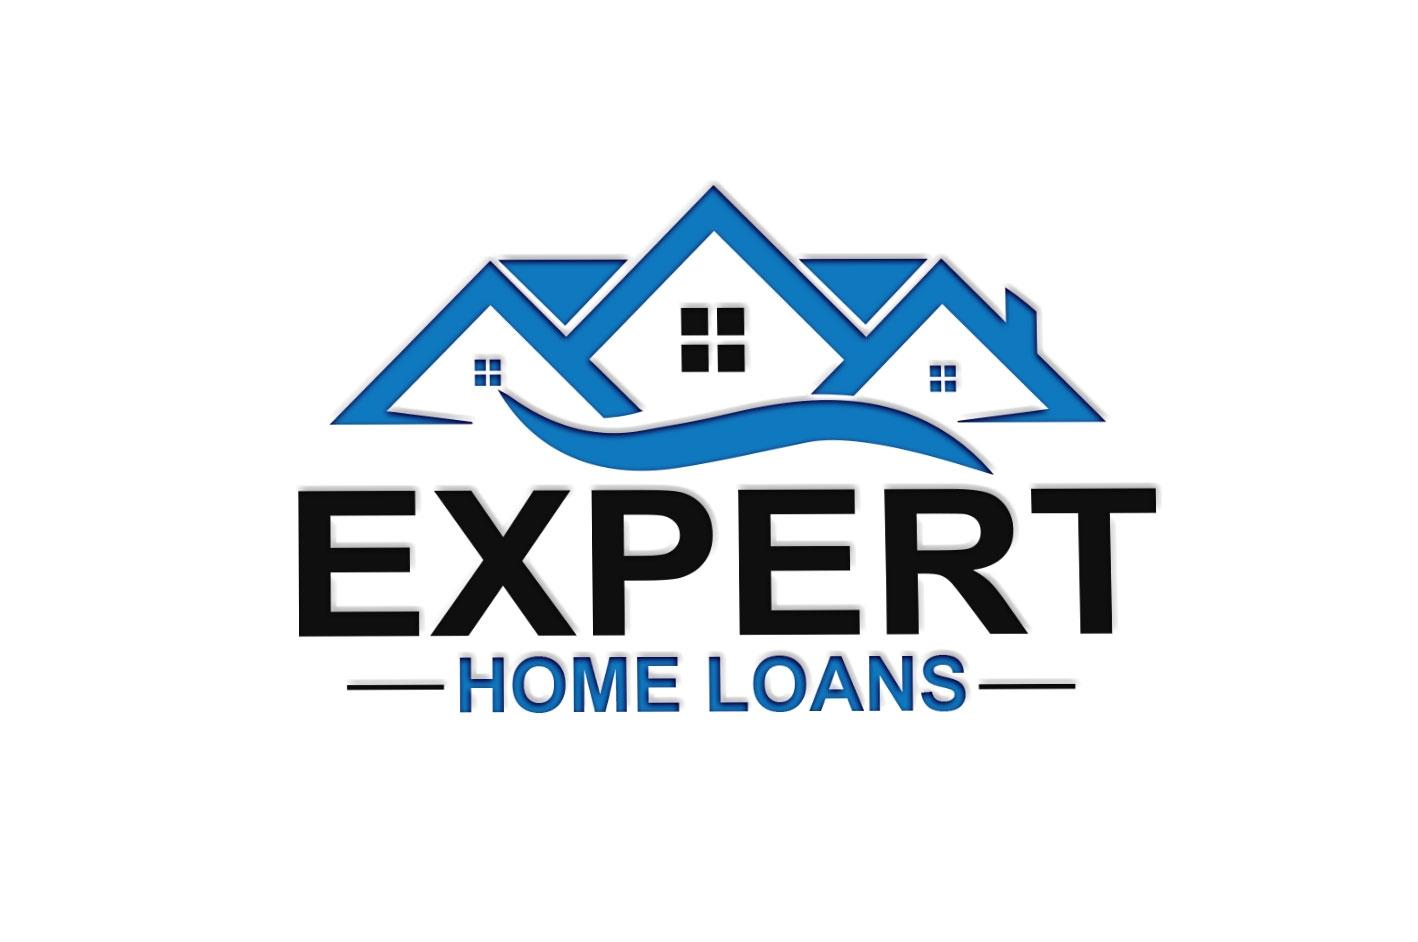 Expert Home Loans logo